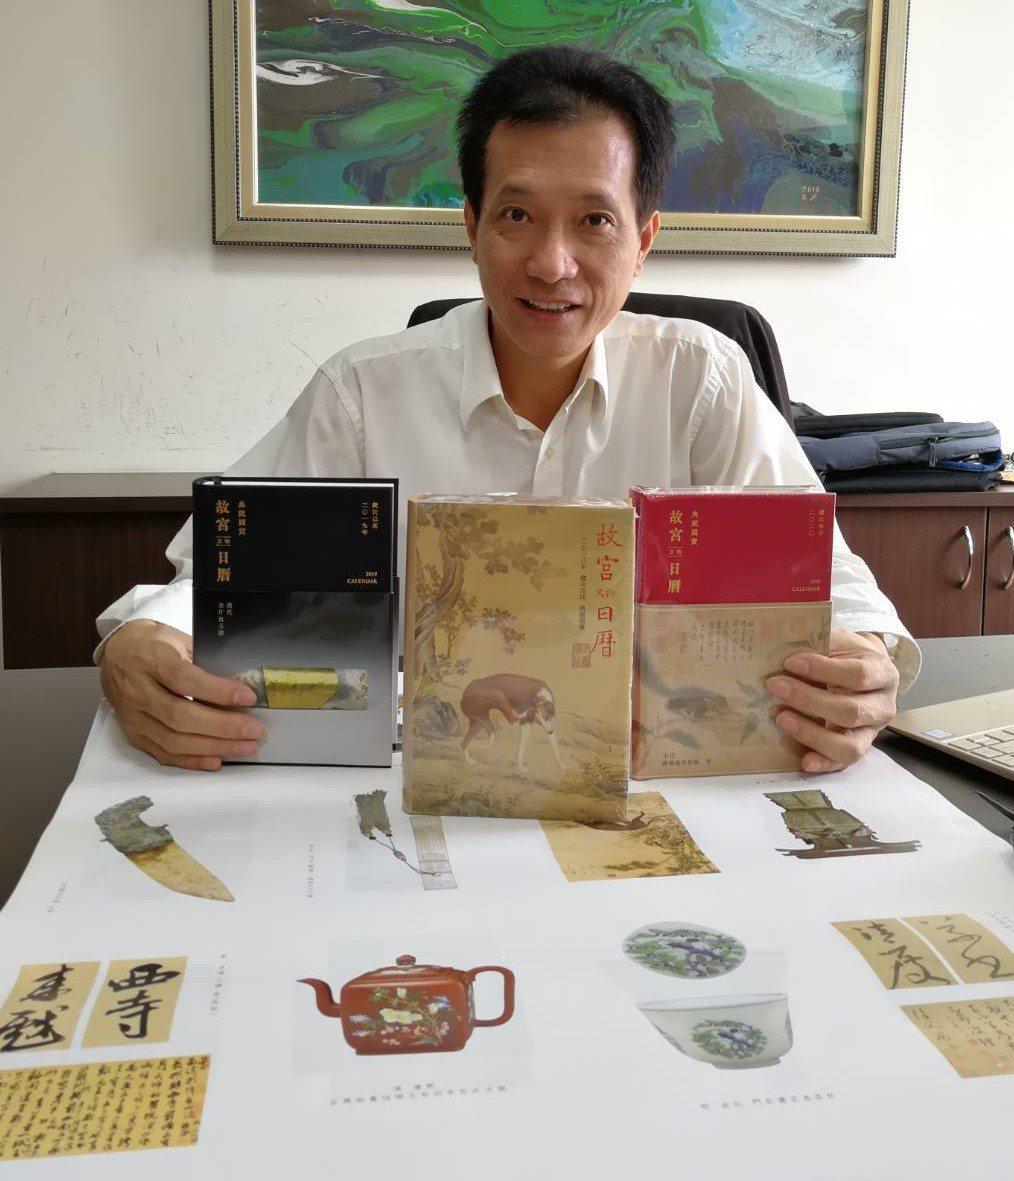 台灣時代文化藝術基金會董事長林田富表示,2018年開始與台北故宫合作出版國寶故宮...